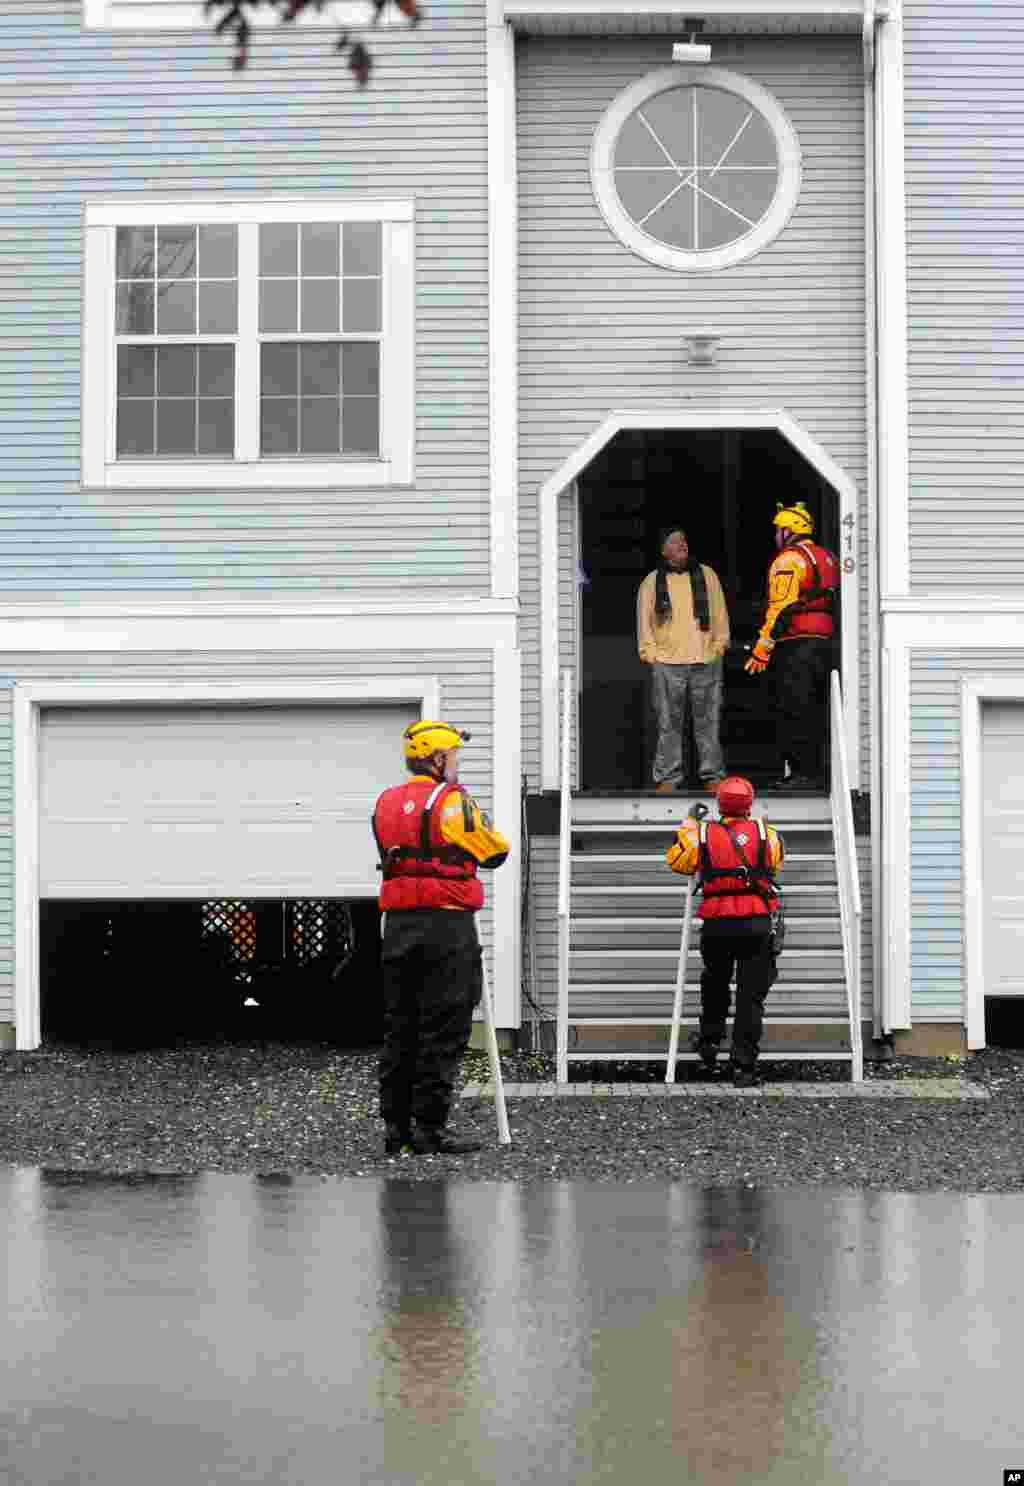 Miembros del equipo de rescate del condado de Harford en Maryland alertan a un residente para que evacúe voluntariamente su residencia después del paso de Sandy.